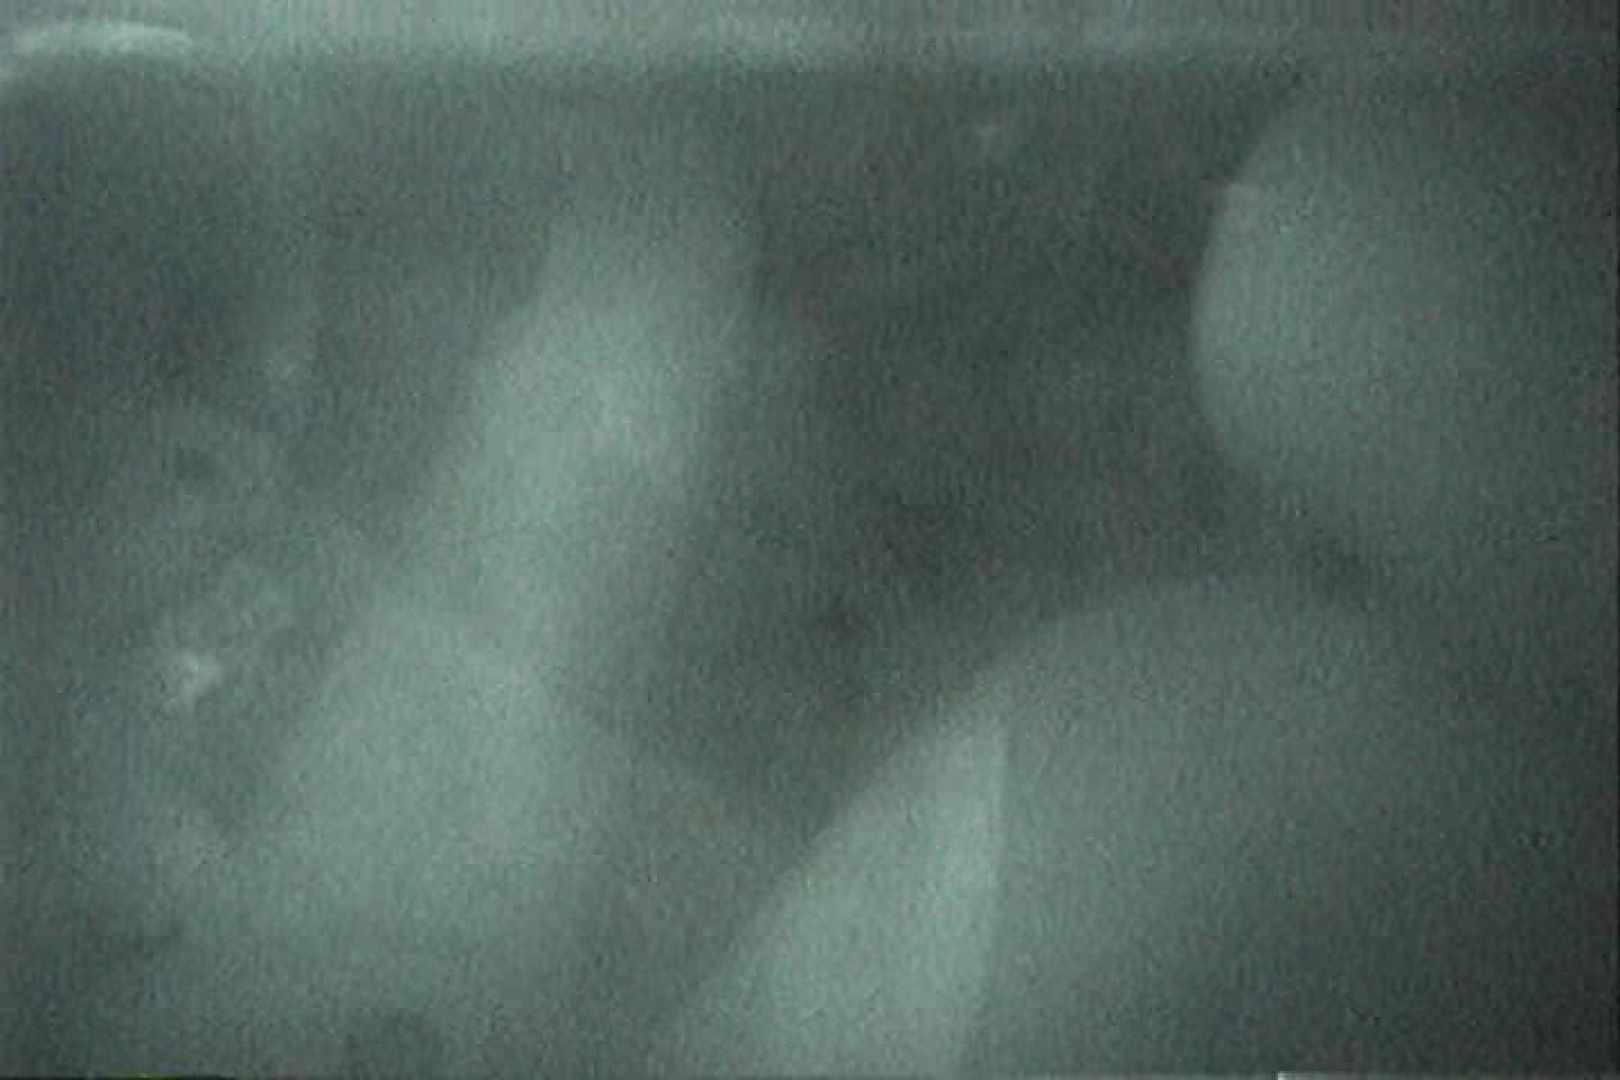 充血監督の深夜の運動会Vol.157 OLセックス   車  109画像 71